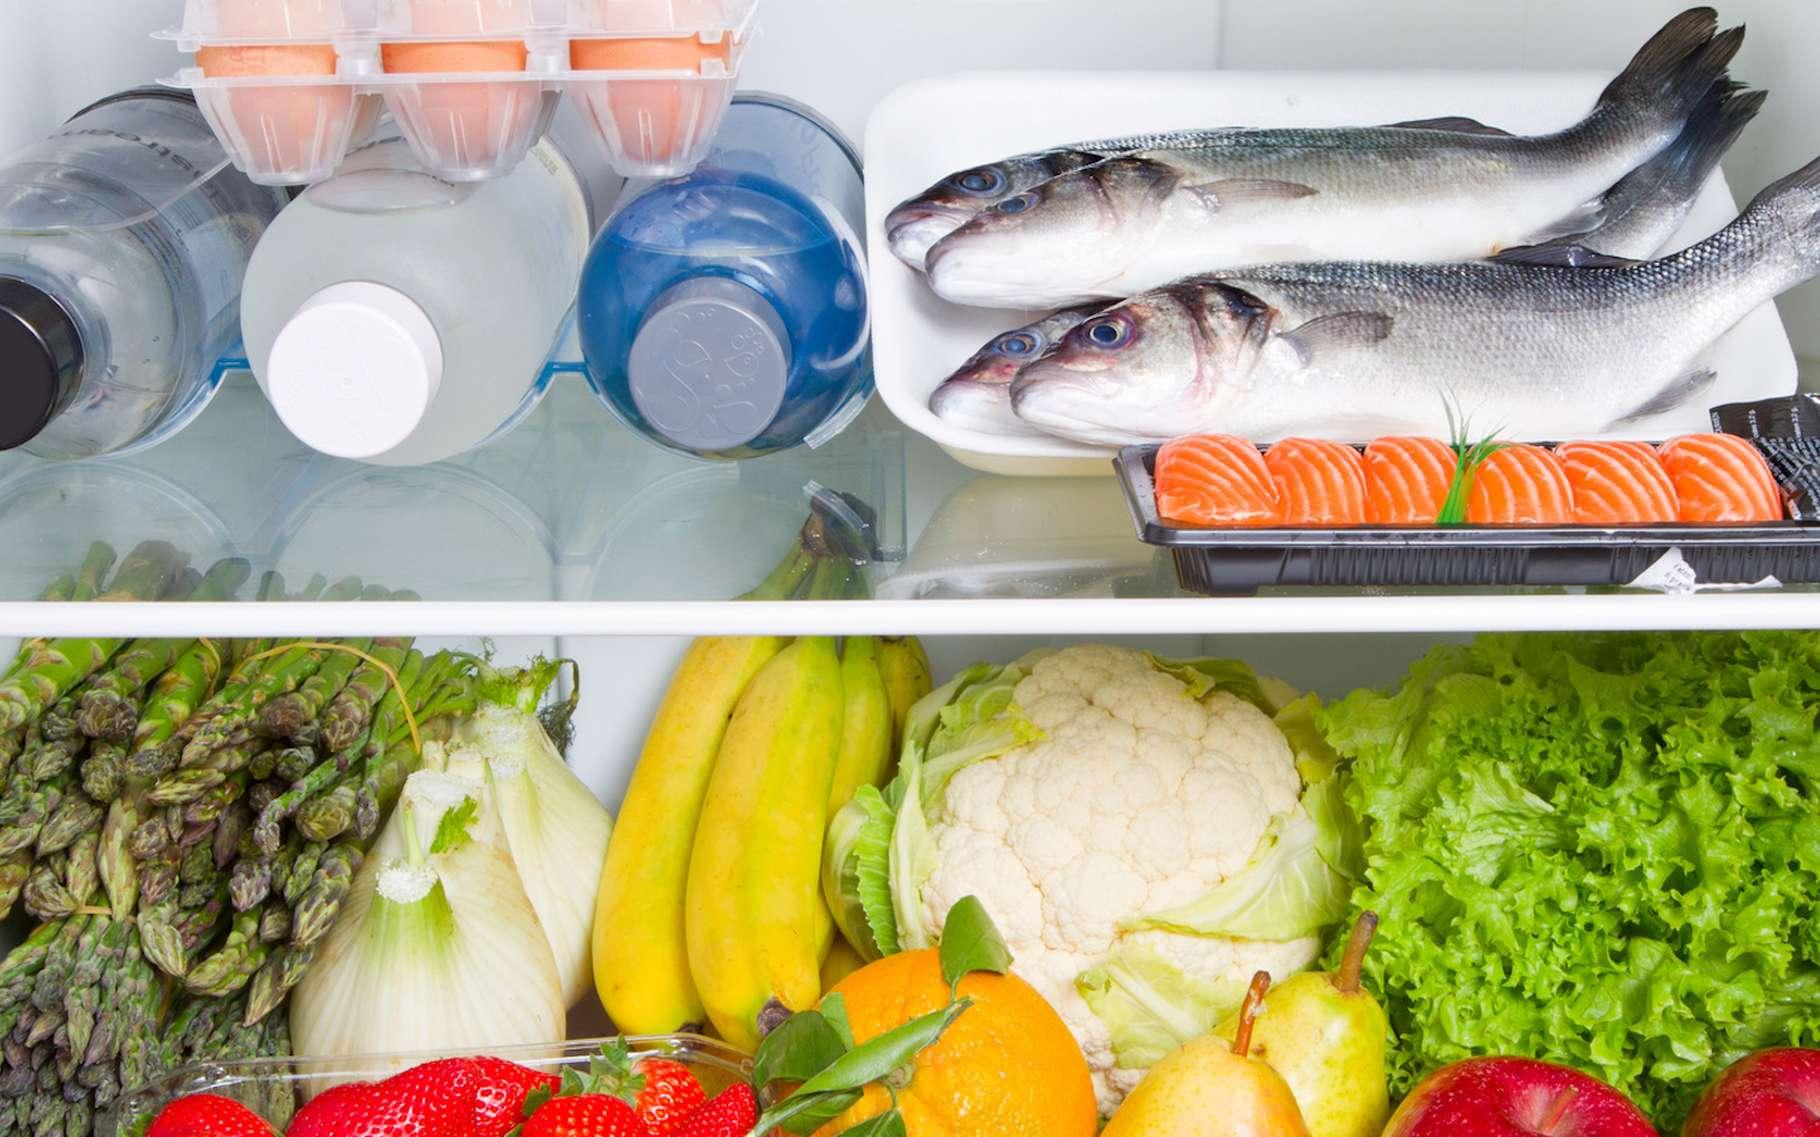 Un réfrigérateur plein consomme moins d'énergie qu'un réfrigérateur vide. © Lsantilli, Fotolia